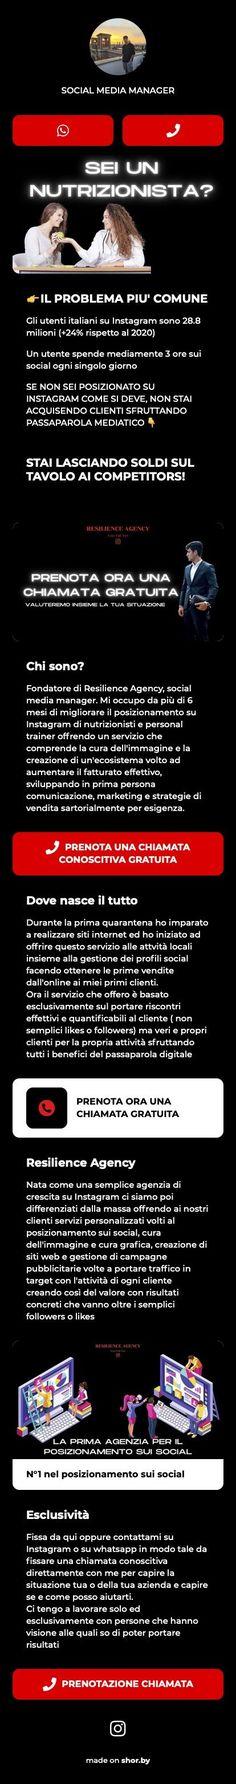 #linkinbio #landingpage #smm #pinterestinspired #shorby Digital Marketing, Social Media, Social Networks, Social Media Tips